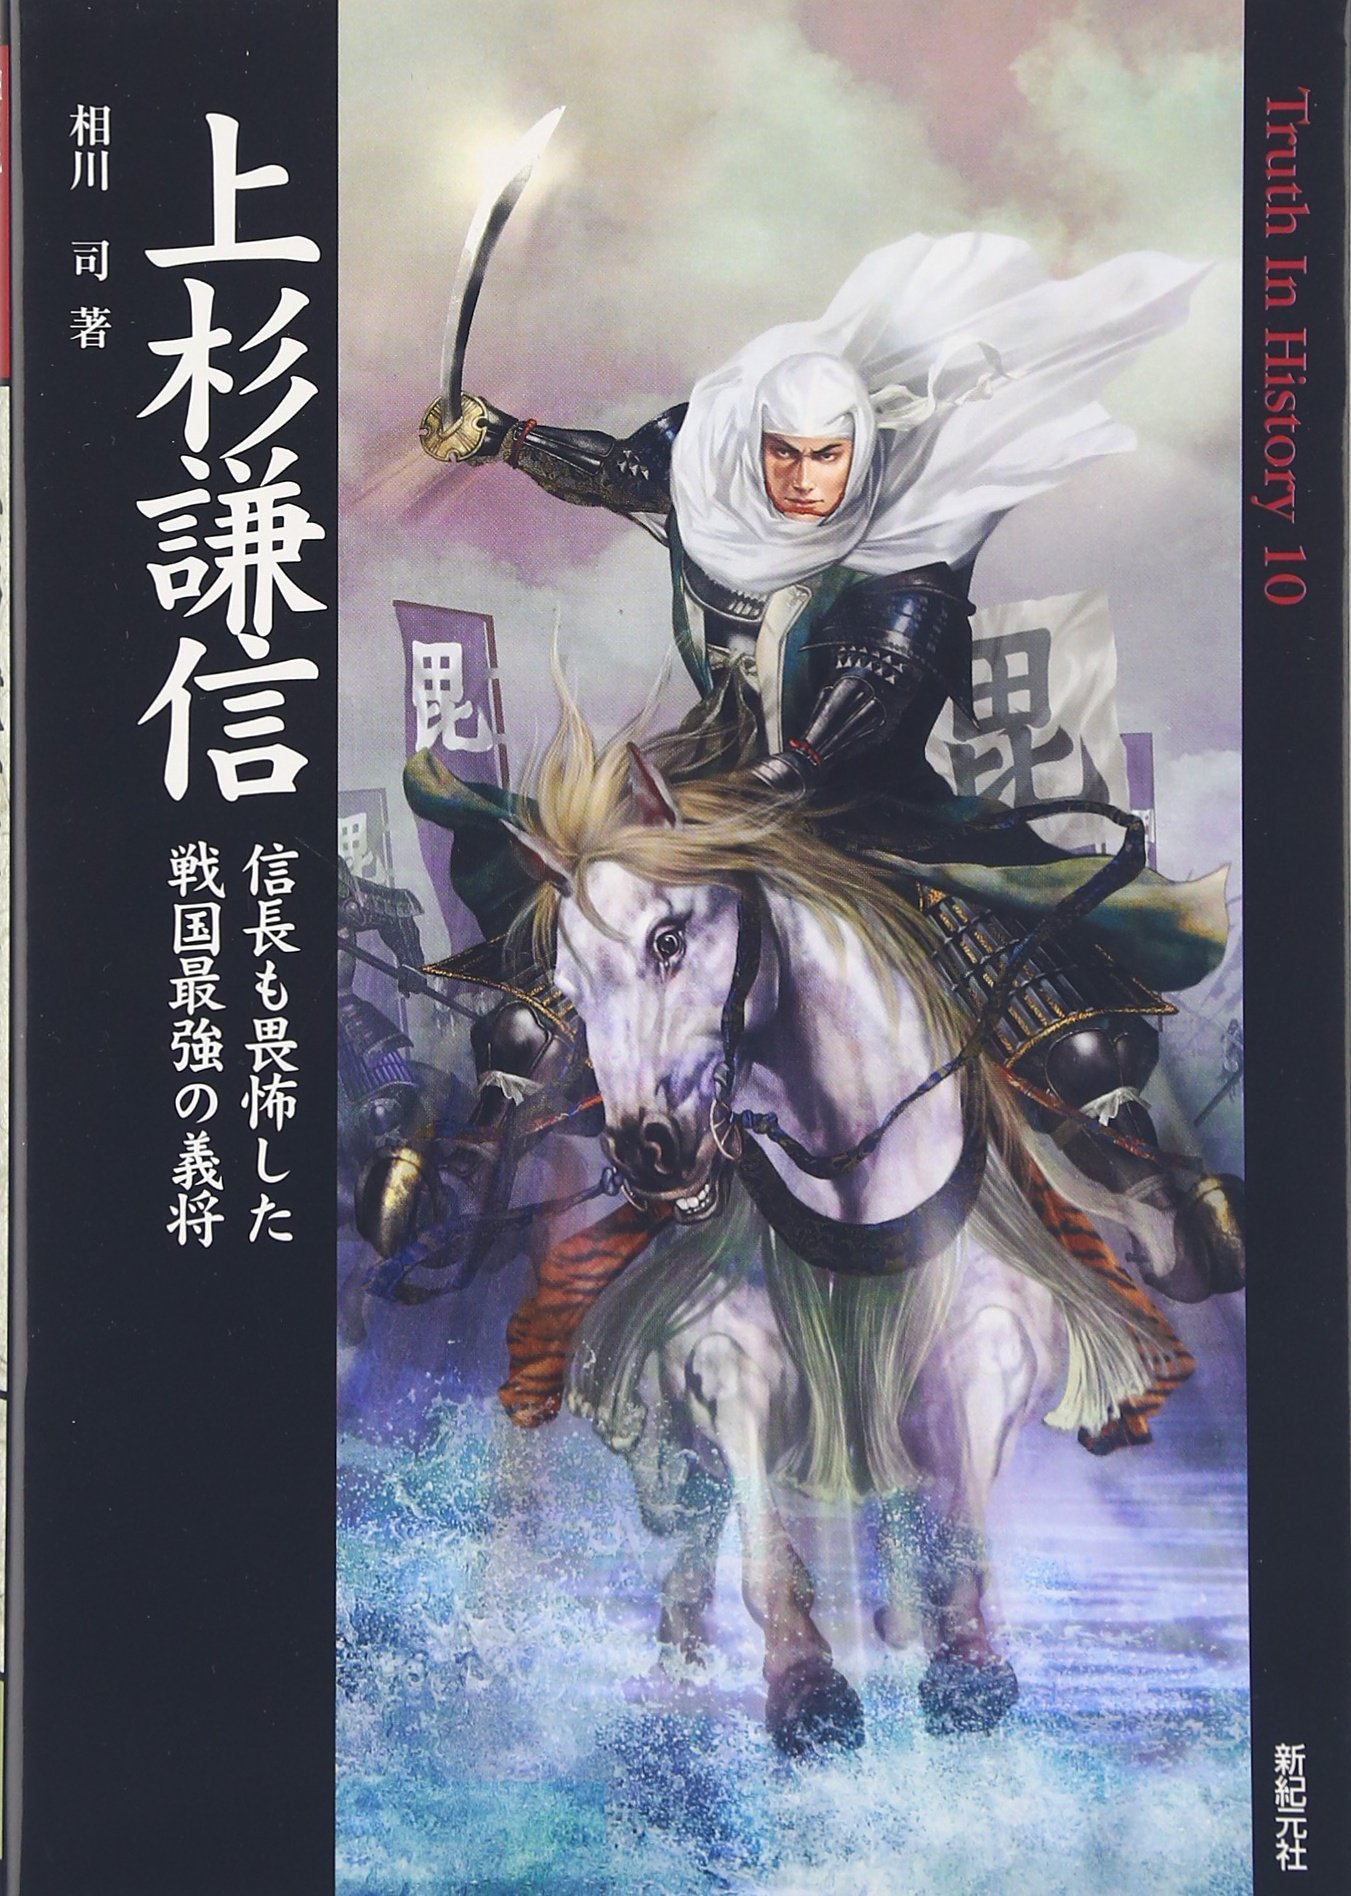 Download Uesugi kenshin : Nobunaga mo ifushita sengoku saikyō no gishō PDF